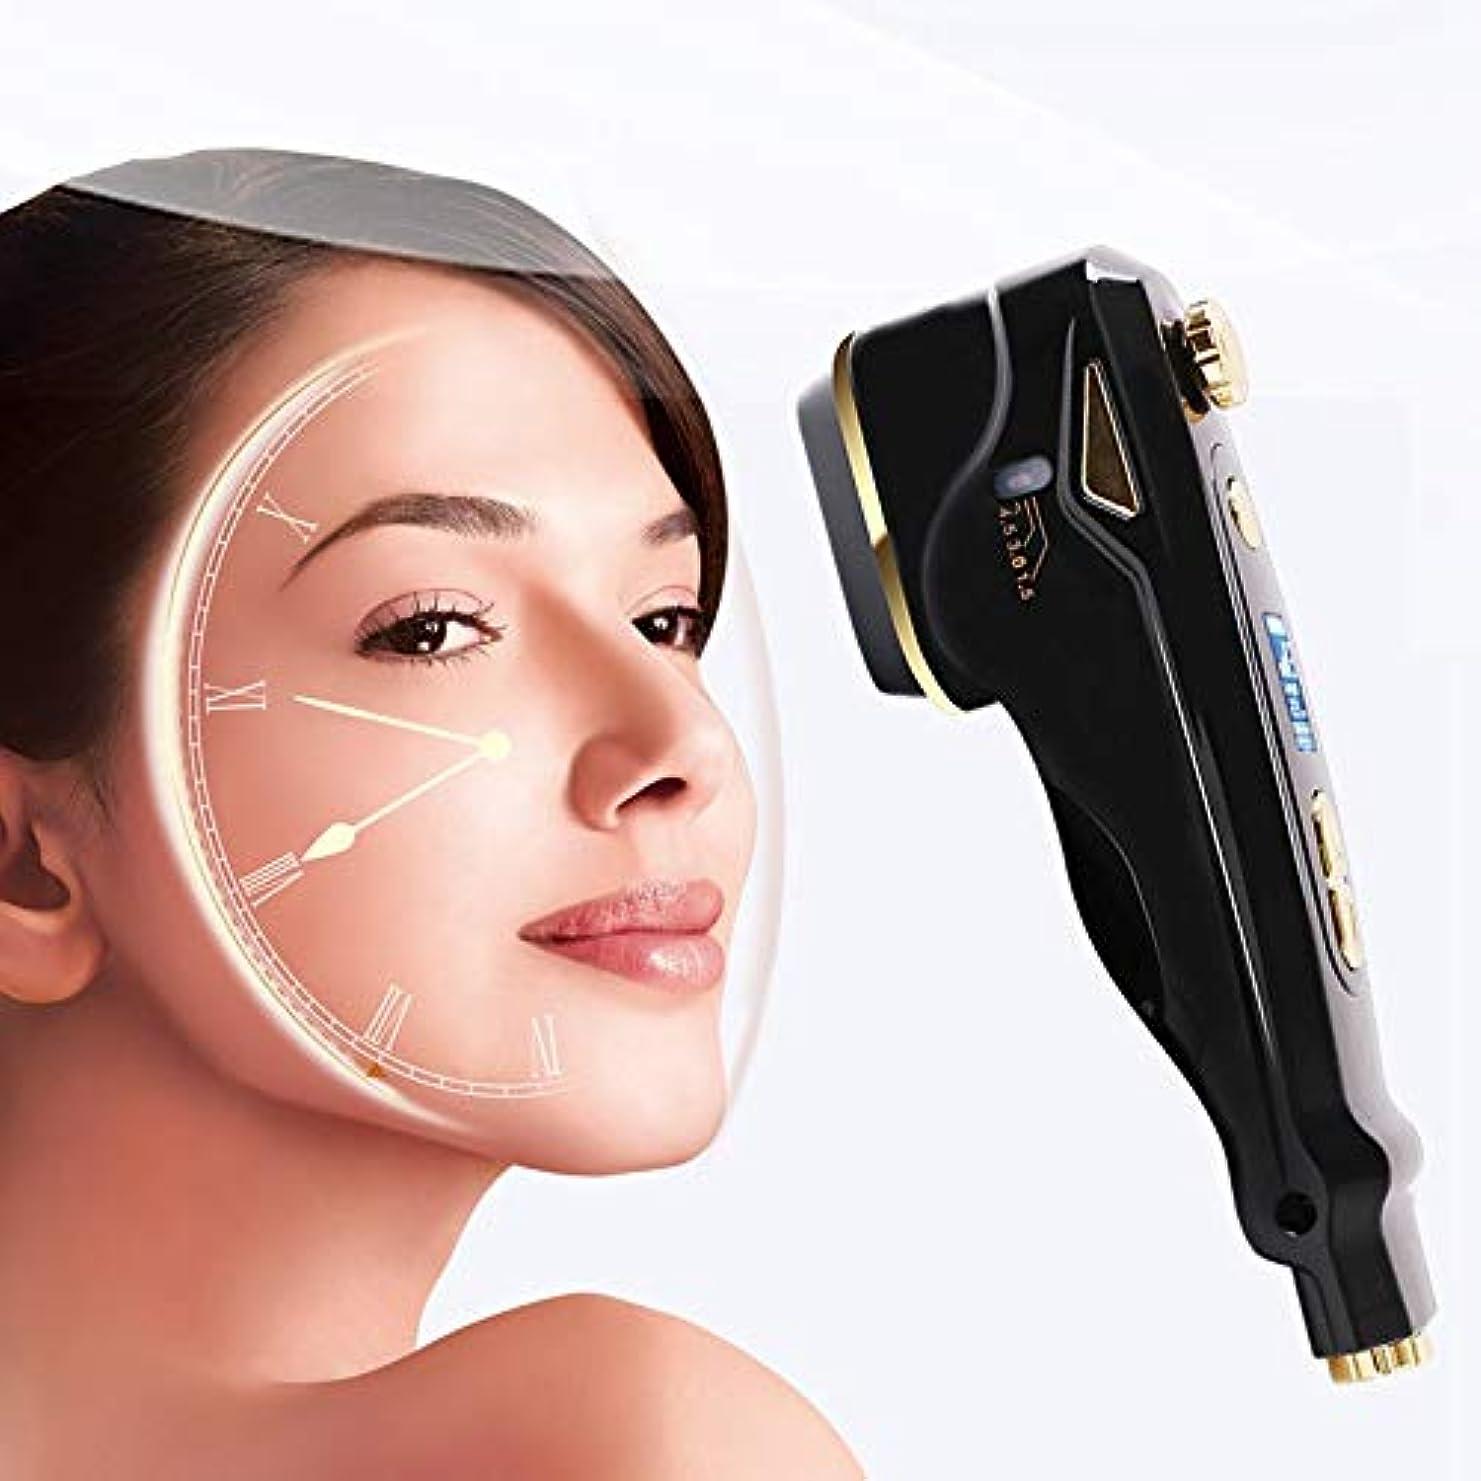 ロードハウス冷淡なうまれたそばかすを明るくするために使用されるフェイシャル美容機器、フェイシャルマッサージャー、ホームビューティーサロン、肌を引き締め、ダークサークルとアイバッグを暗くする